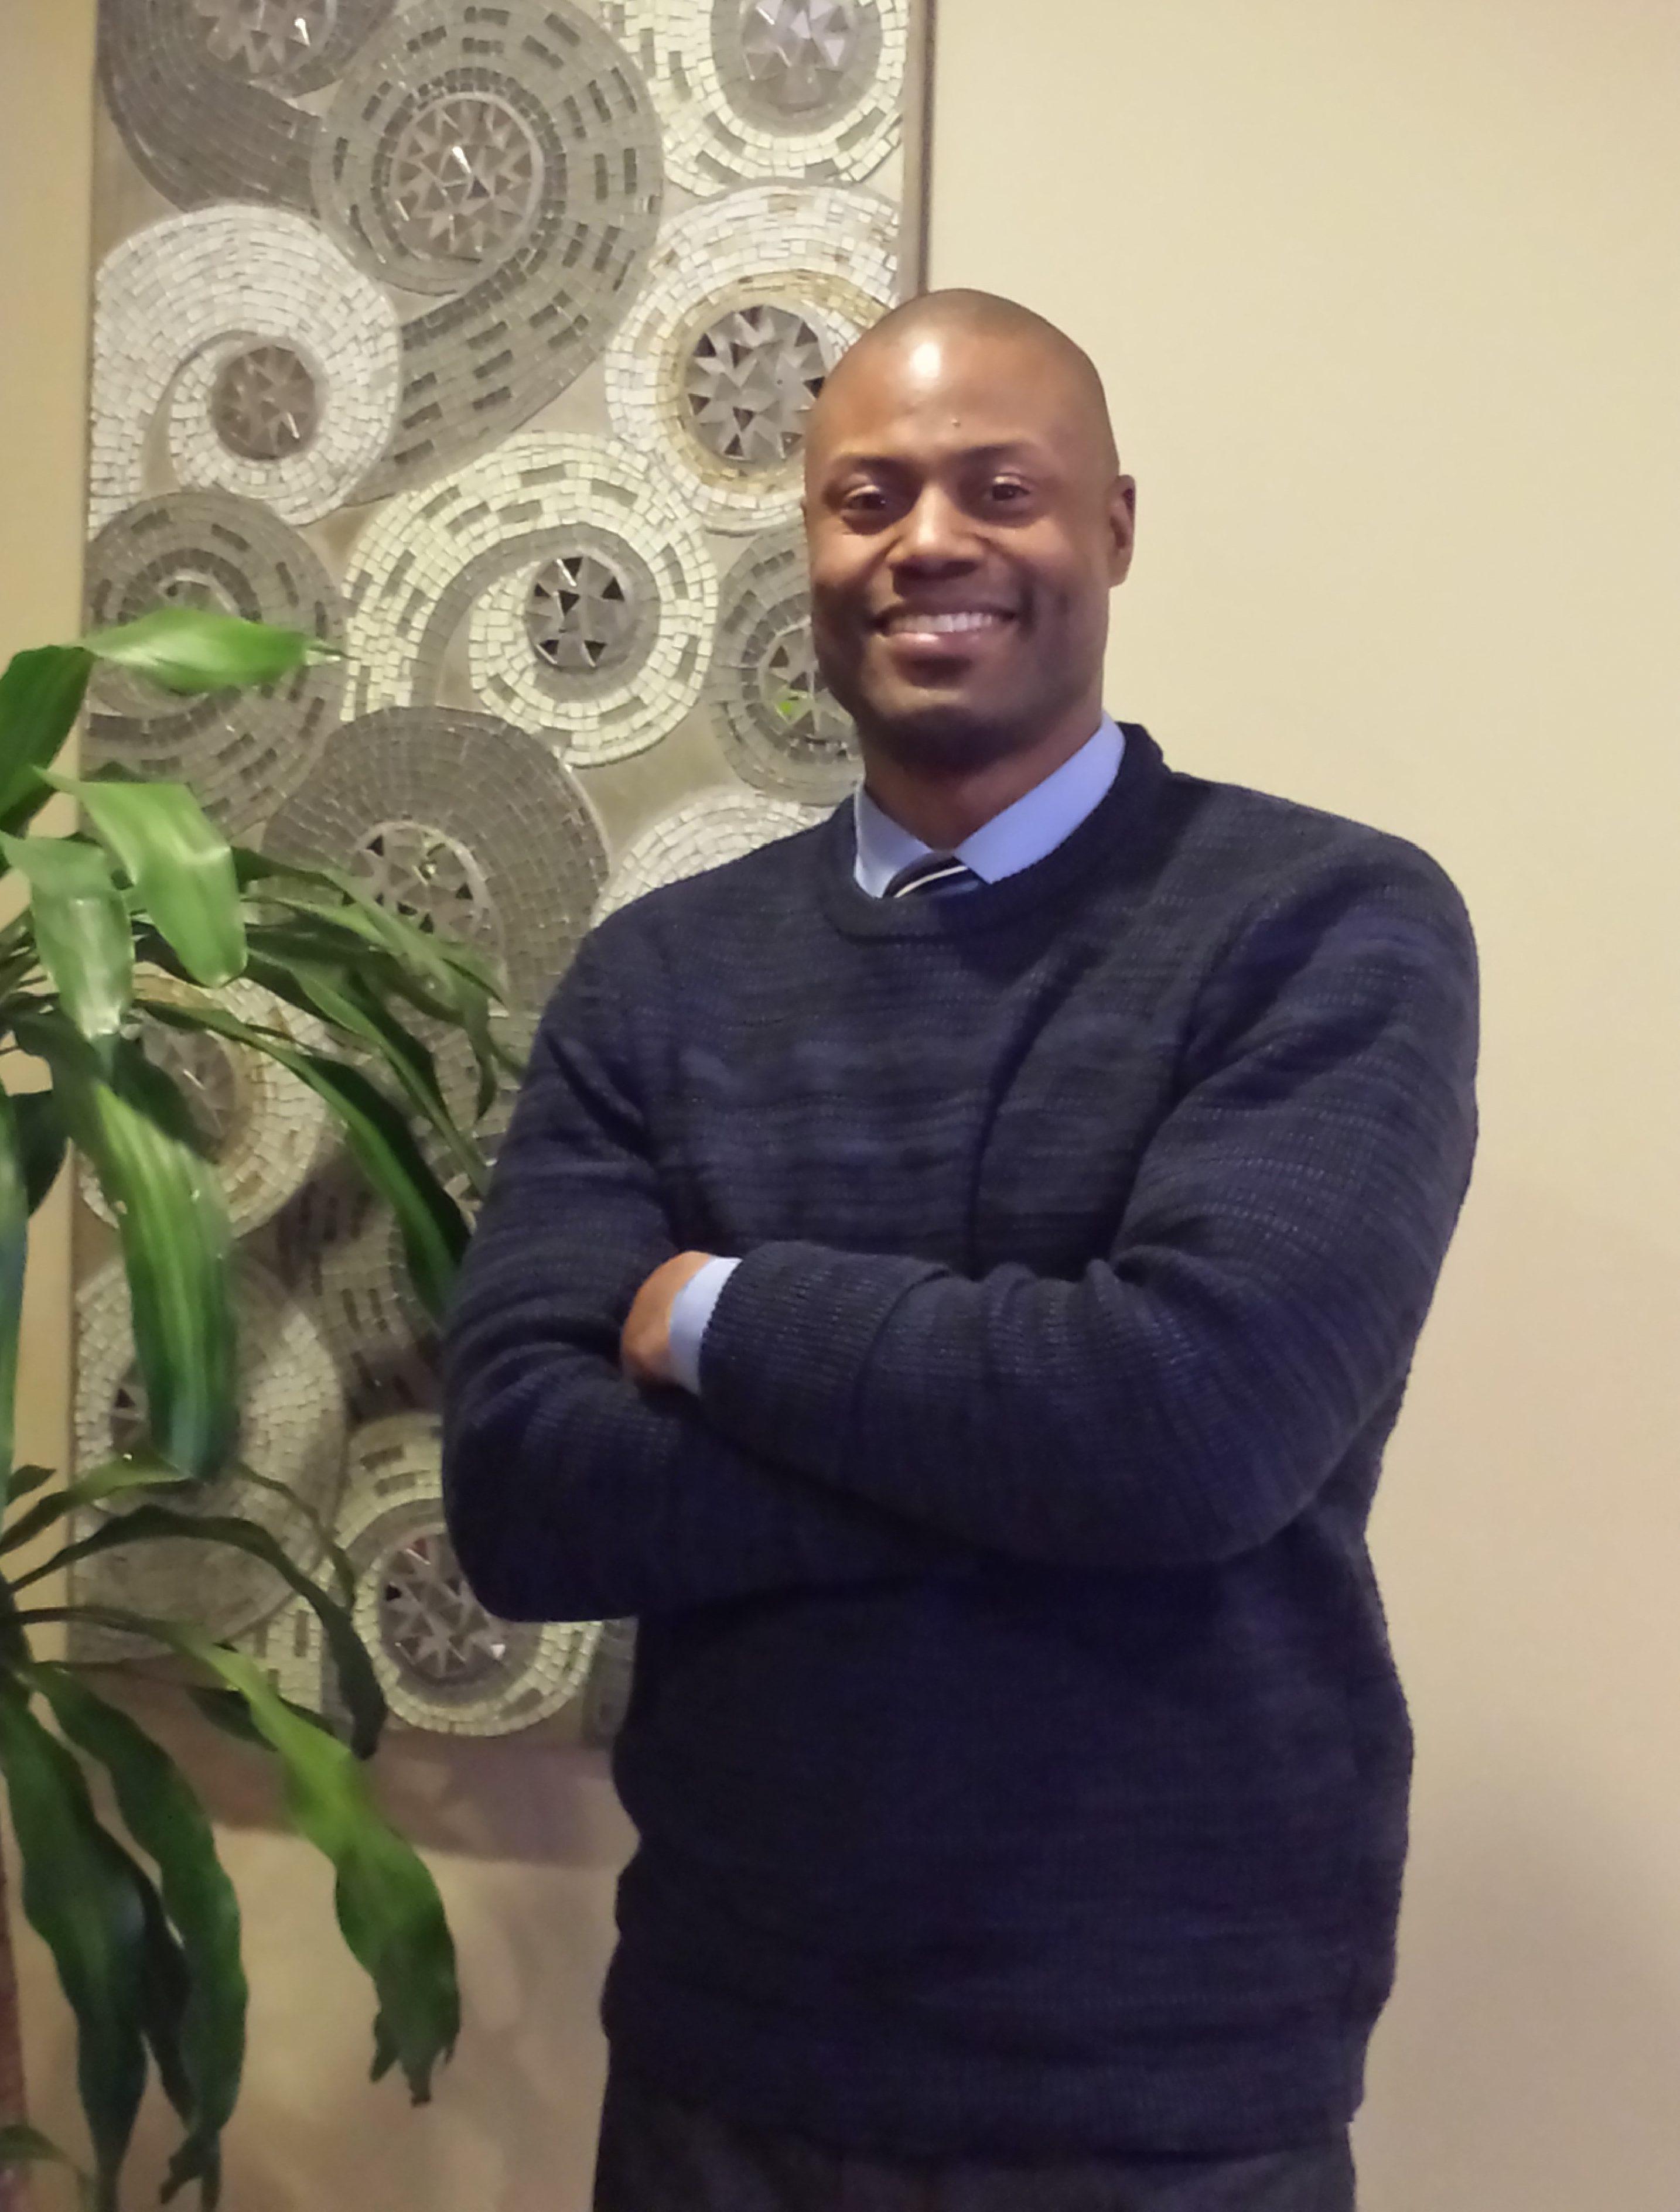 Shawn Carter, lawyer